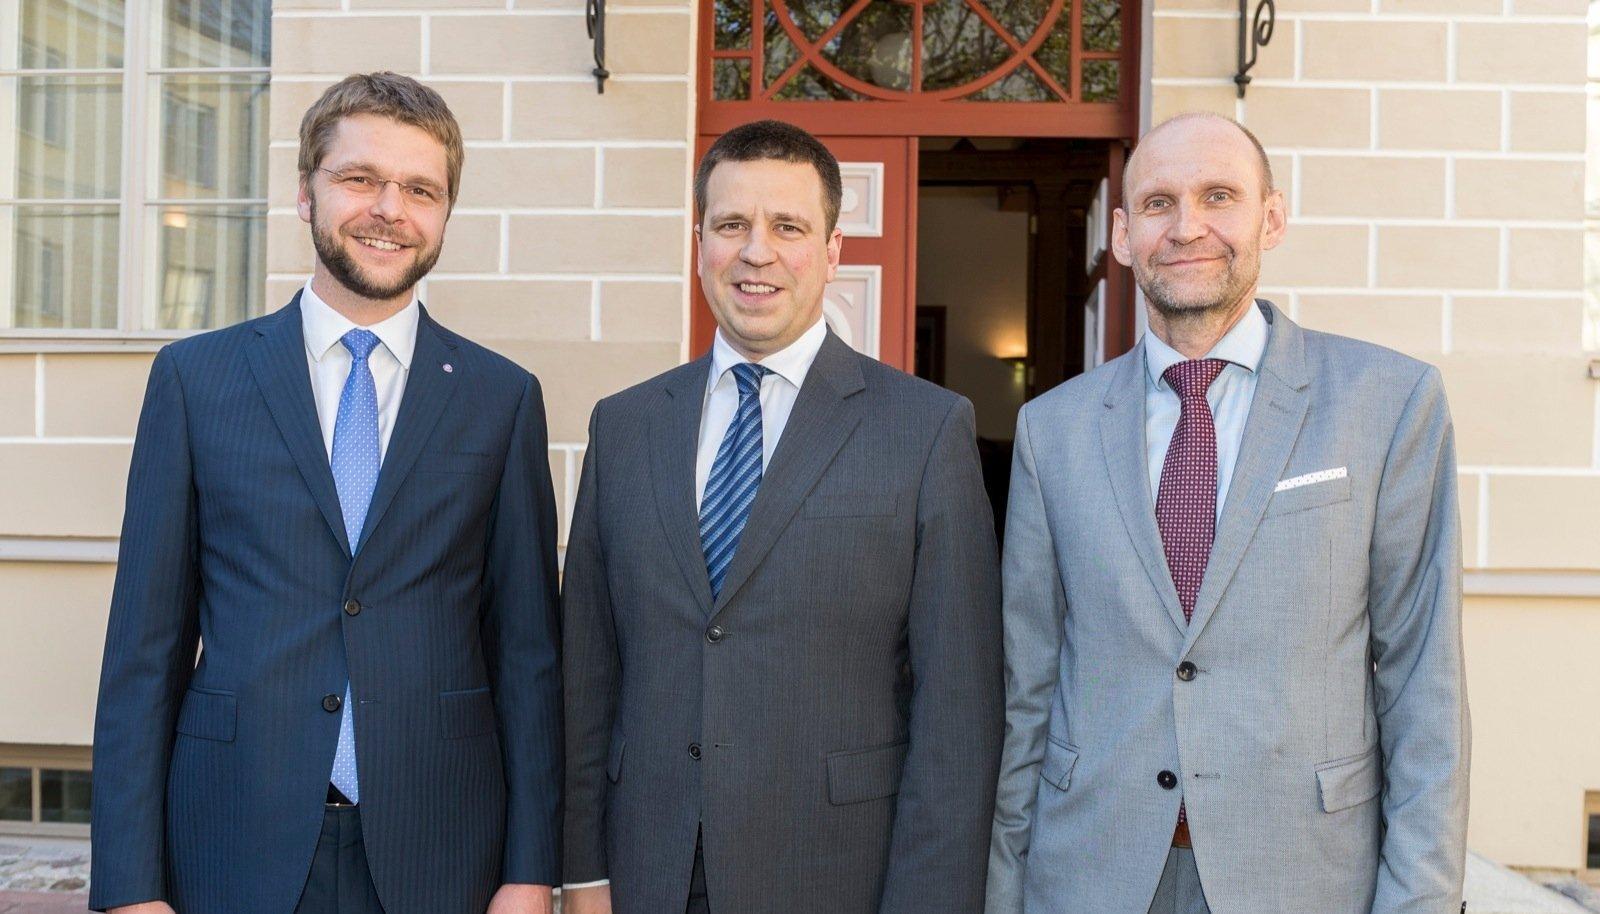 Valitsuskoalitsioon tegi Stenbocki majas seoses IRLi värske esimehe Helir-Valdor Seederi algatatud maksuaruteludega ühisavalduse.